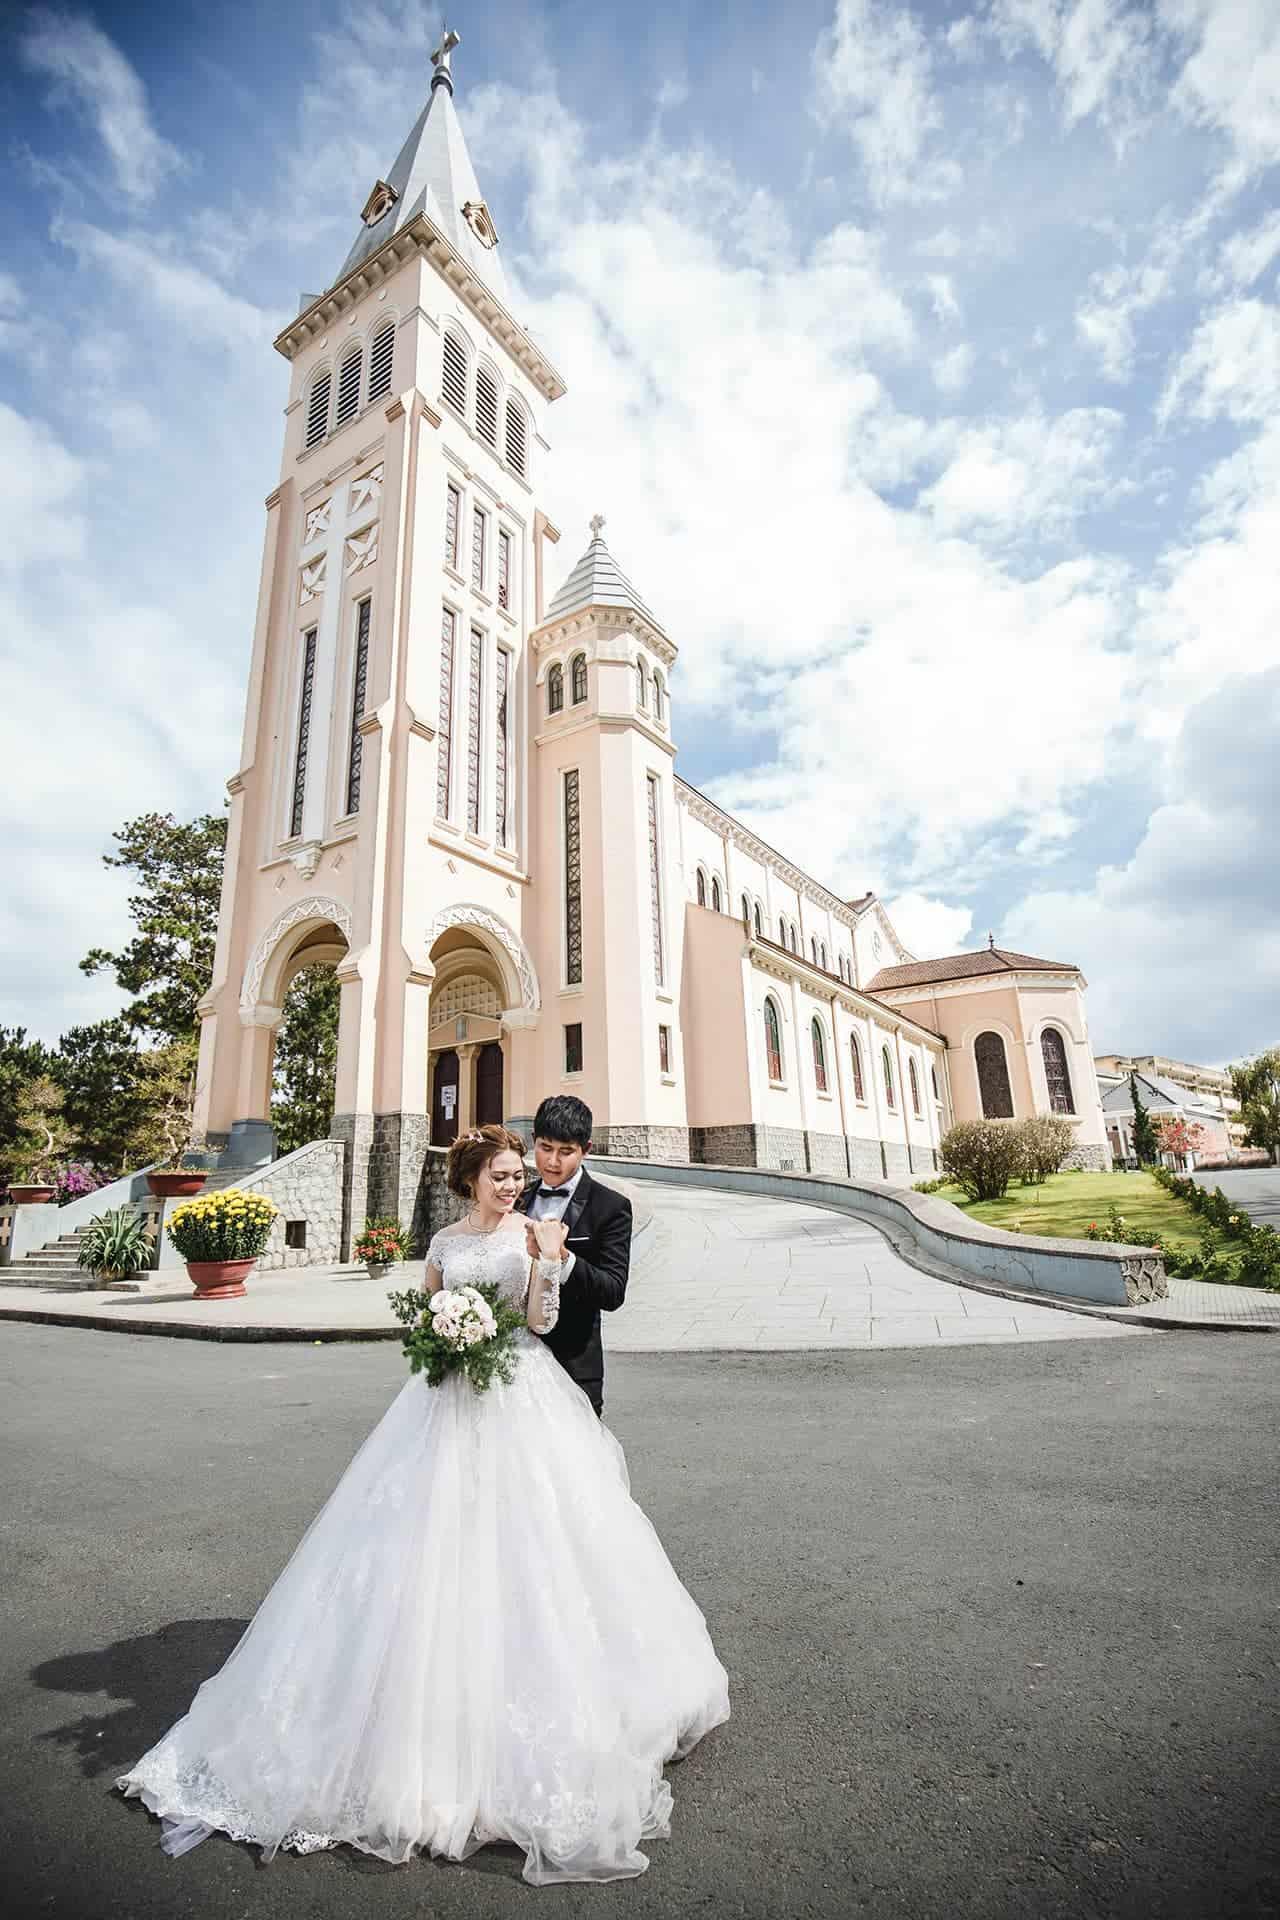 Nhà thờ Chánh Tòa Đà Lạt cũng là địa điểm yêu thích của các cặp đôi chụp hình cưới.